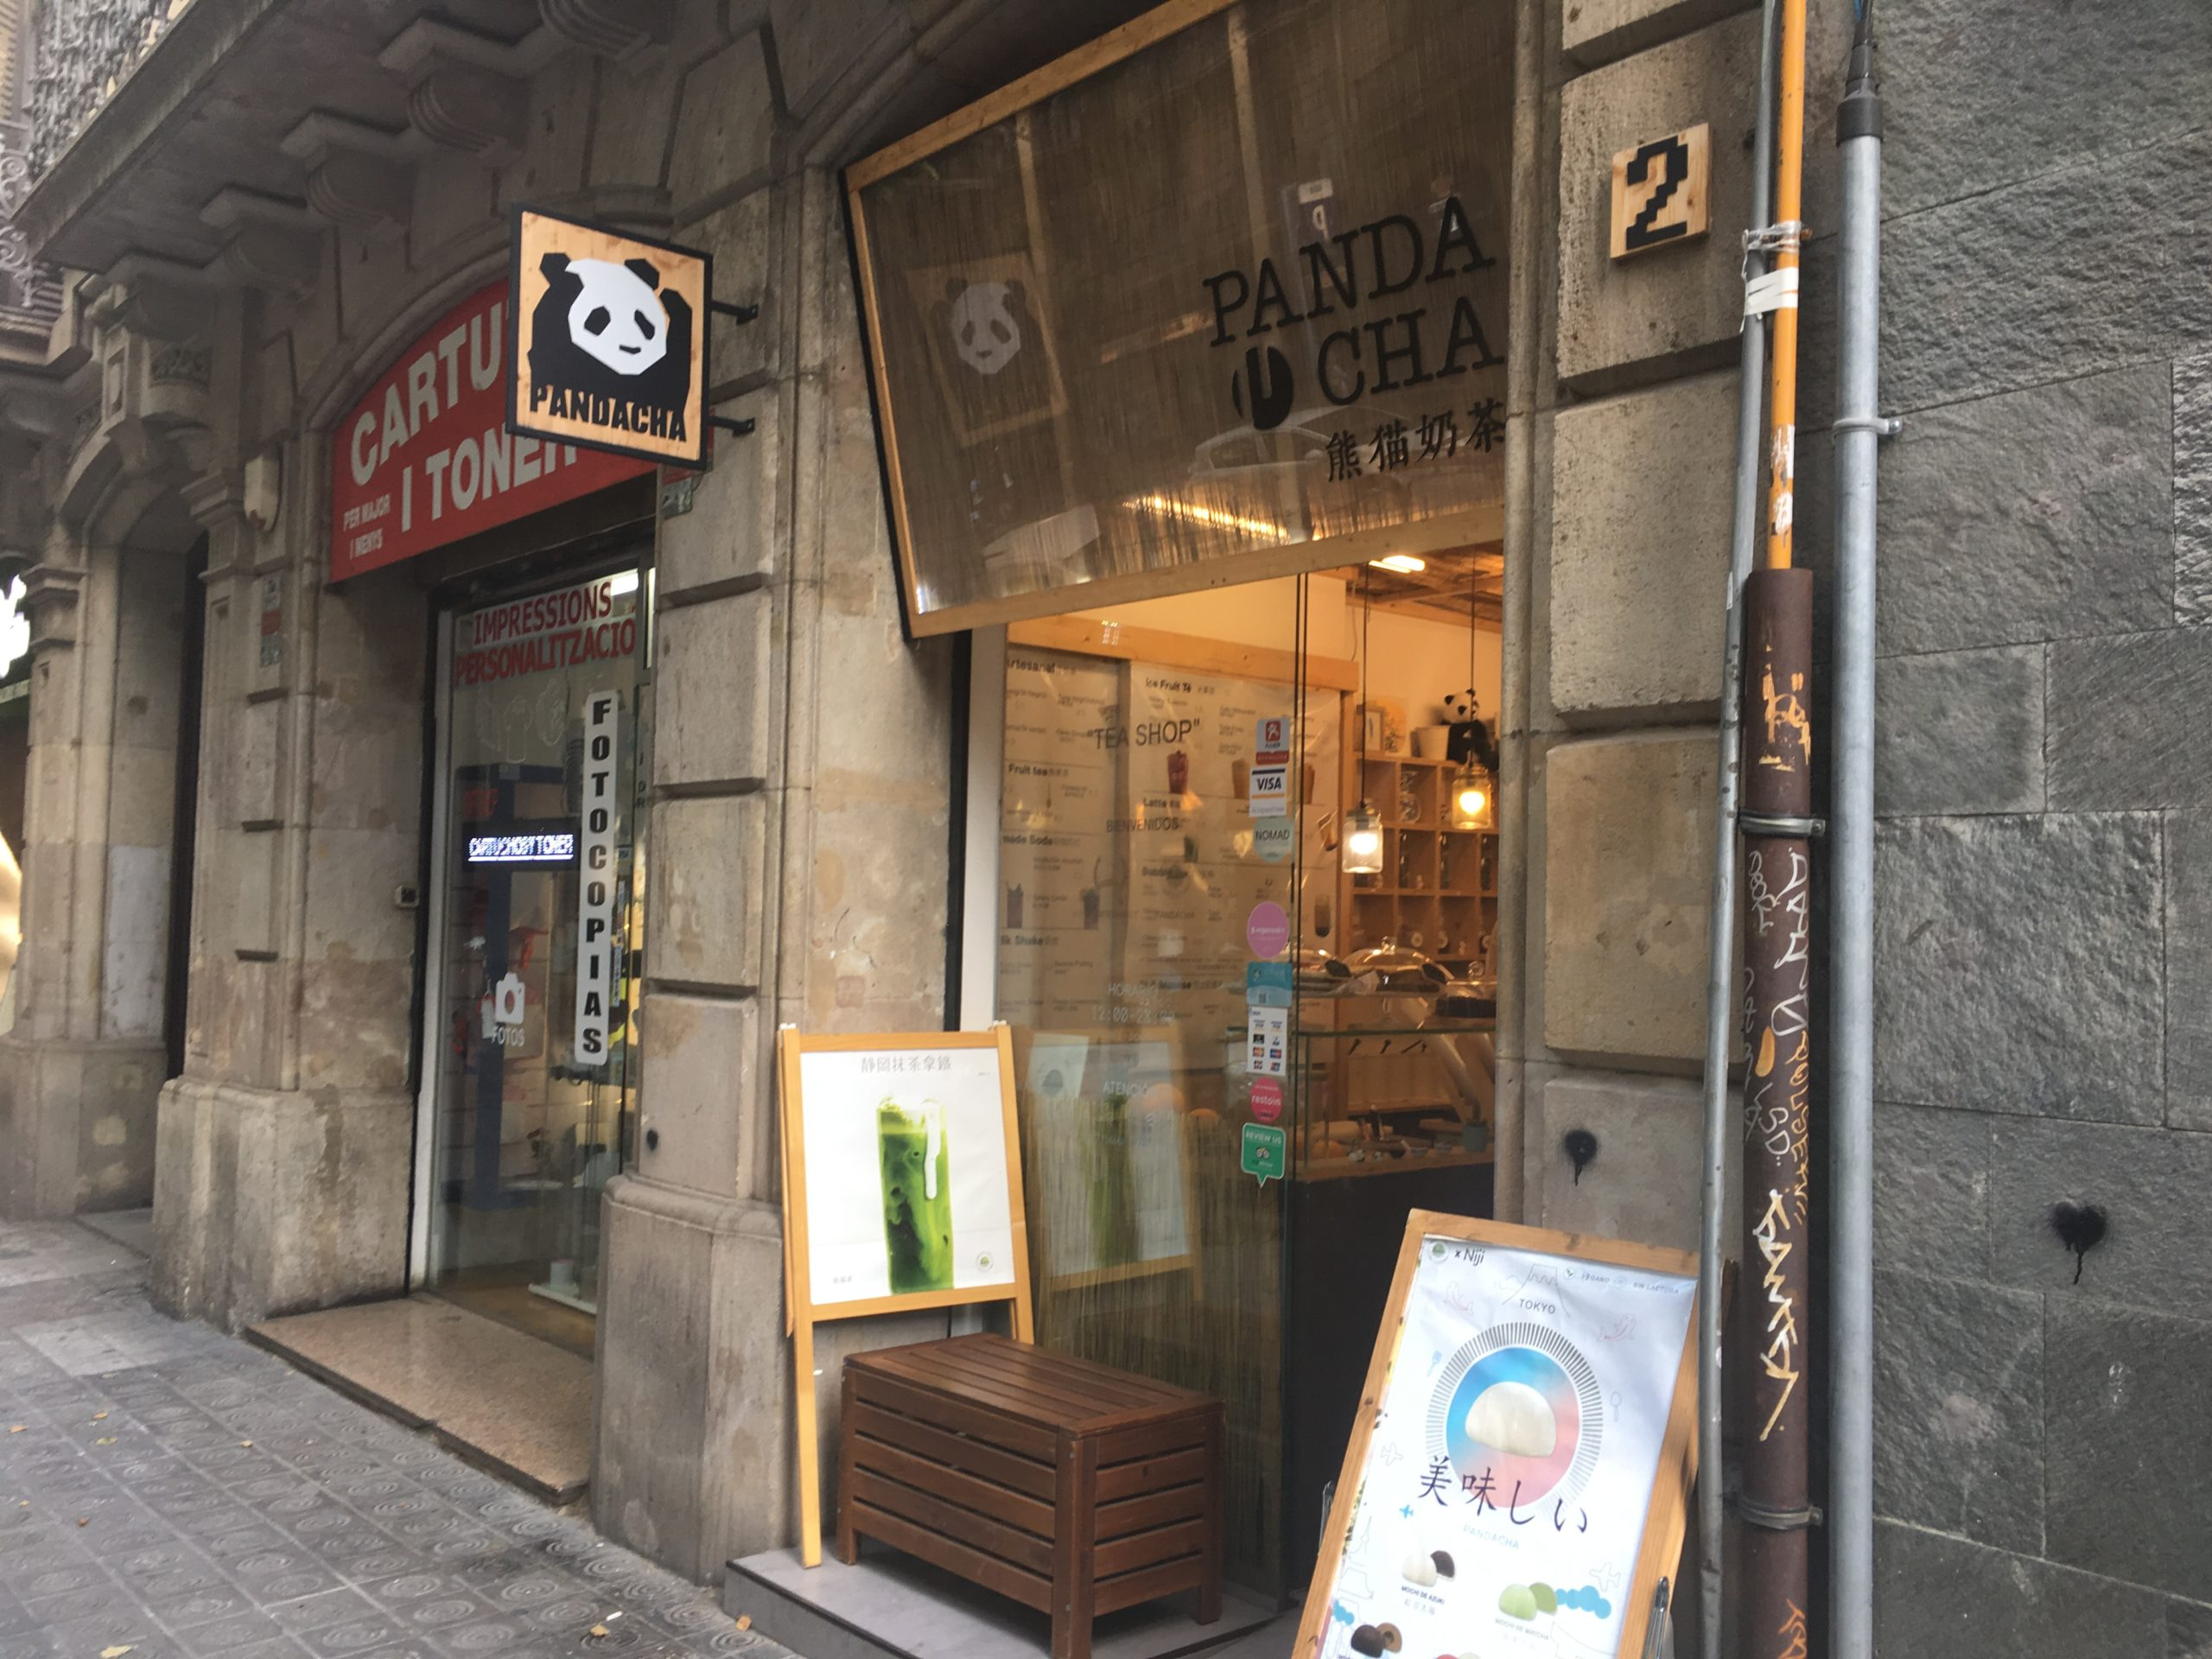 【レポート】バルセロナのタピオカ店を飲み比べ!おすすめ店を紹介します。